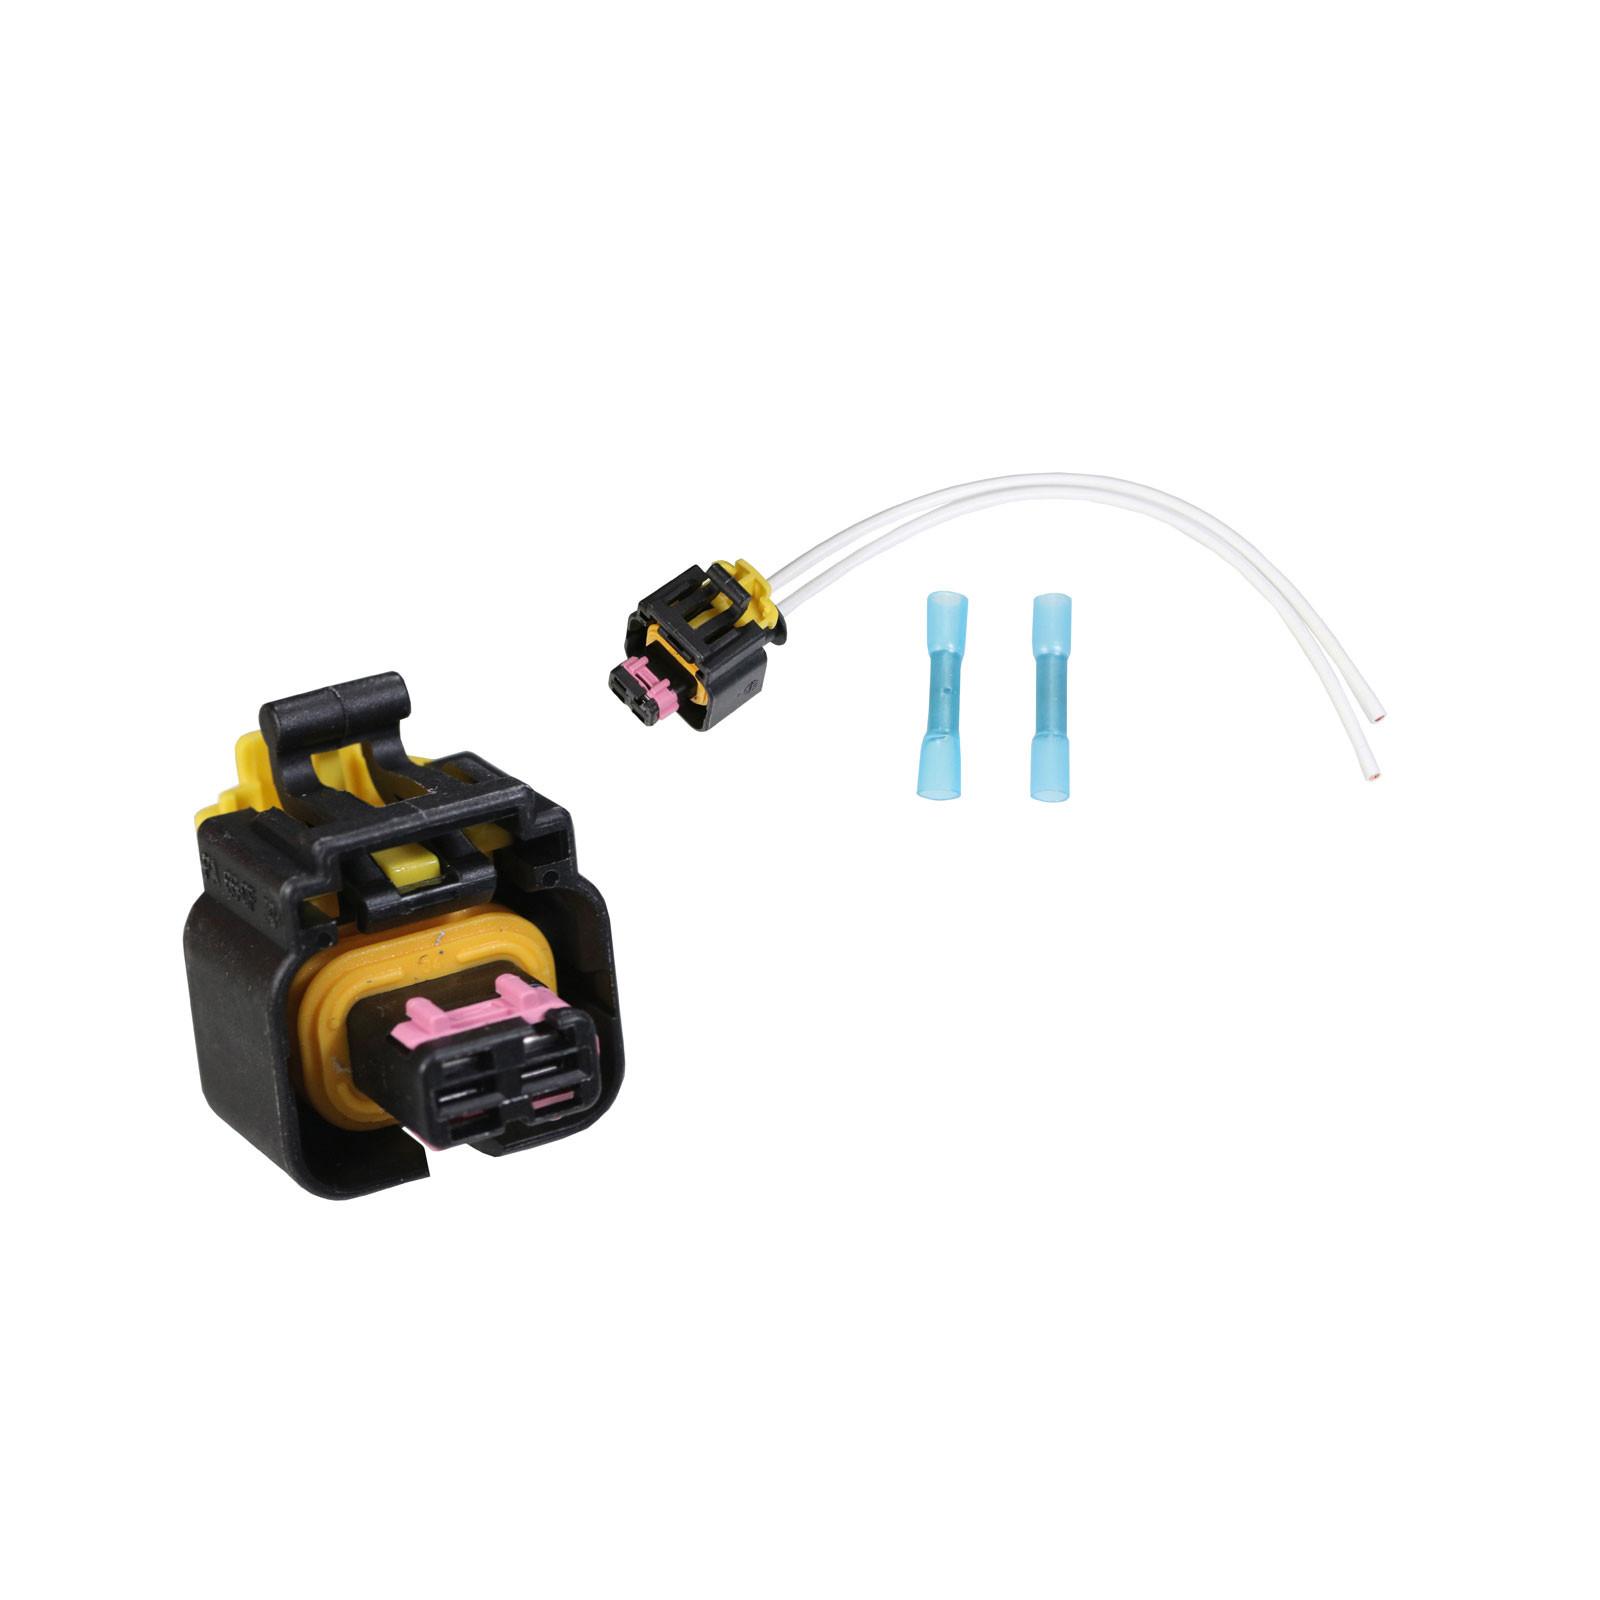 Taux Diesel Injecteur Connecteur 2-conducteurs 71749541 Câble Rep